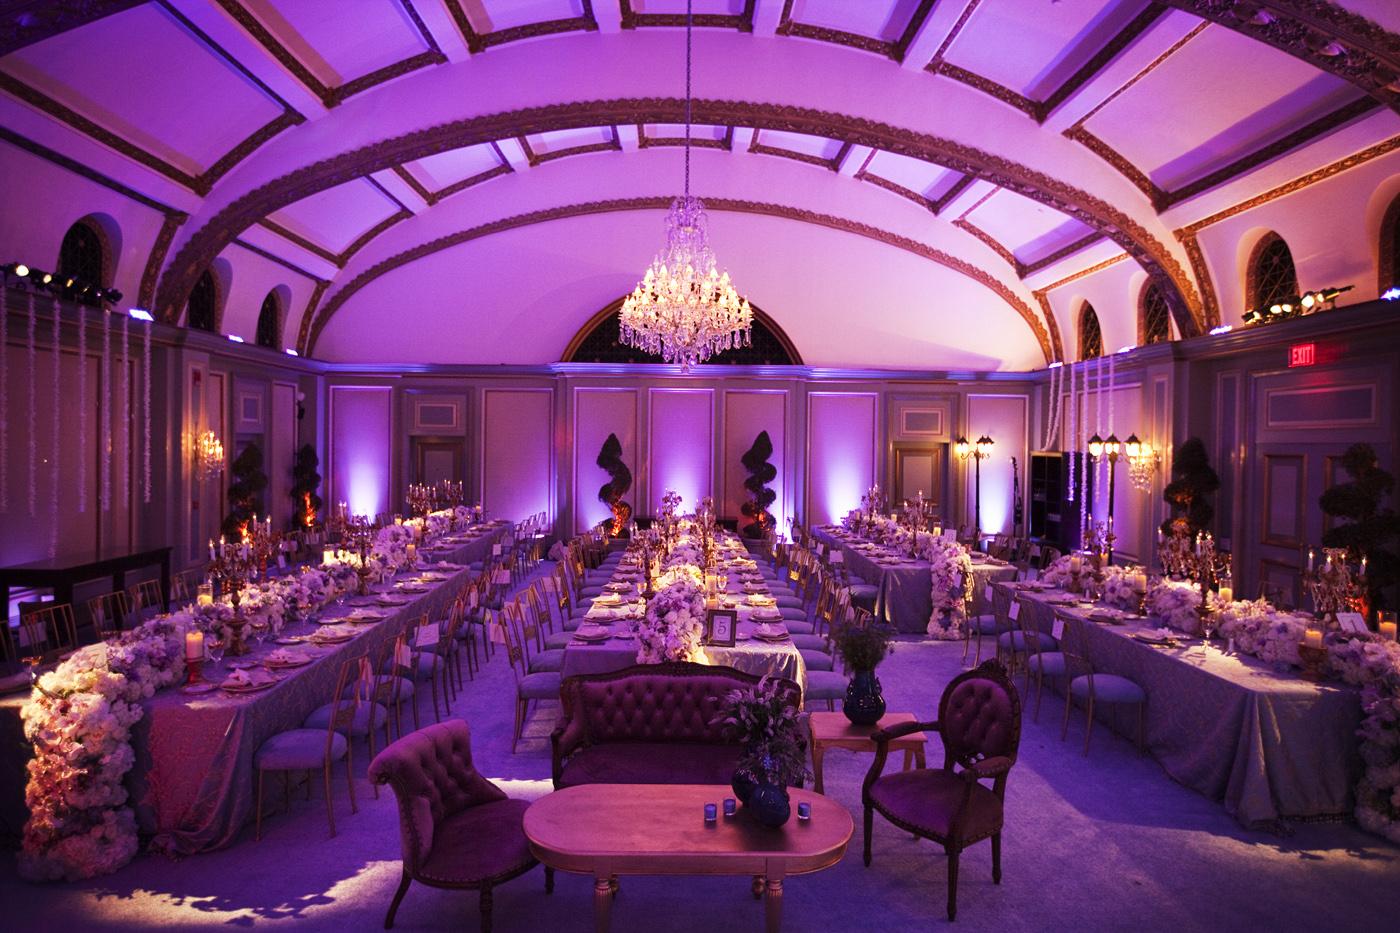 010_DukePhotography_DukeImages_Wedding_Details.jpg